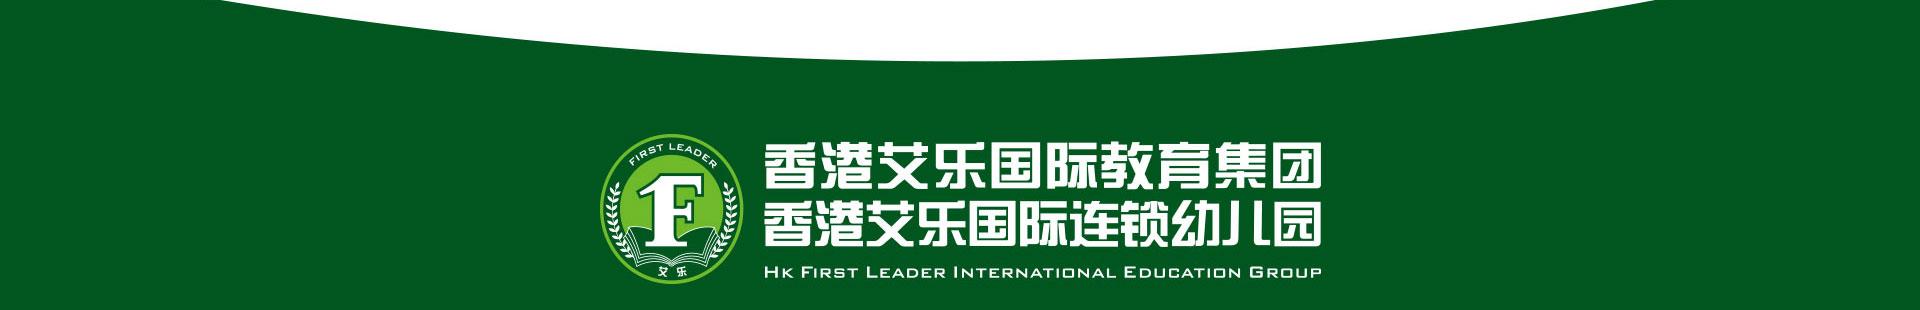 香港艾乐国际幼儿园al_28